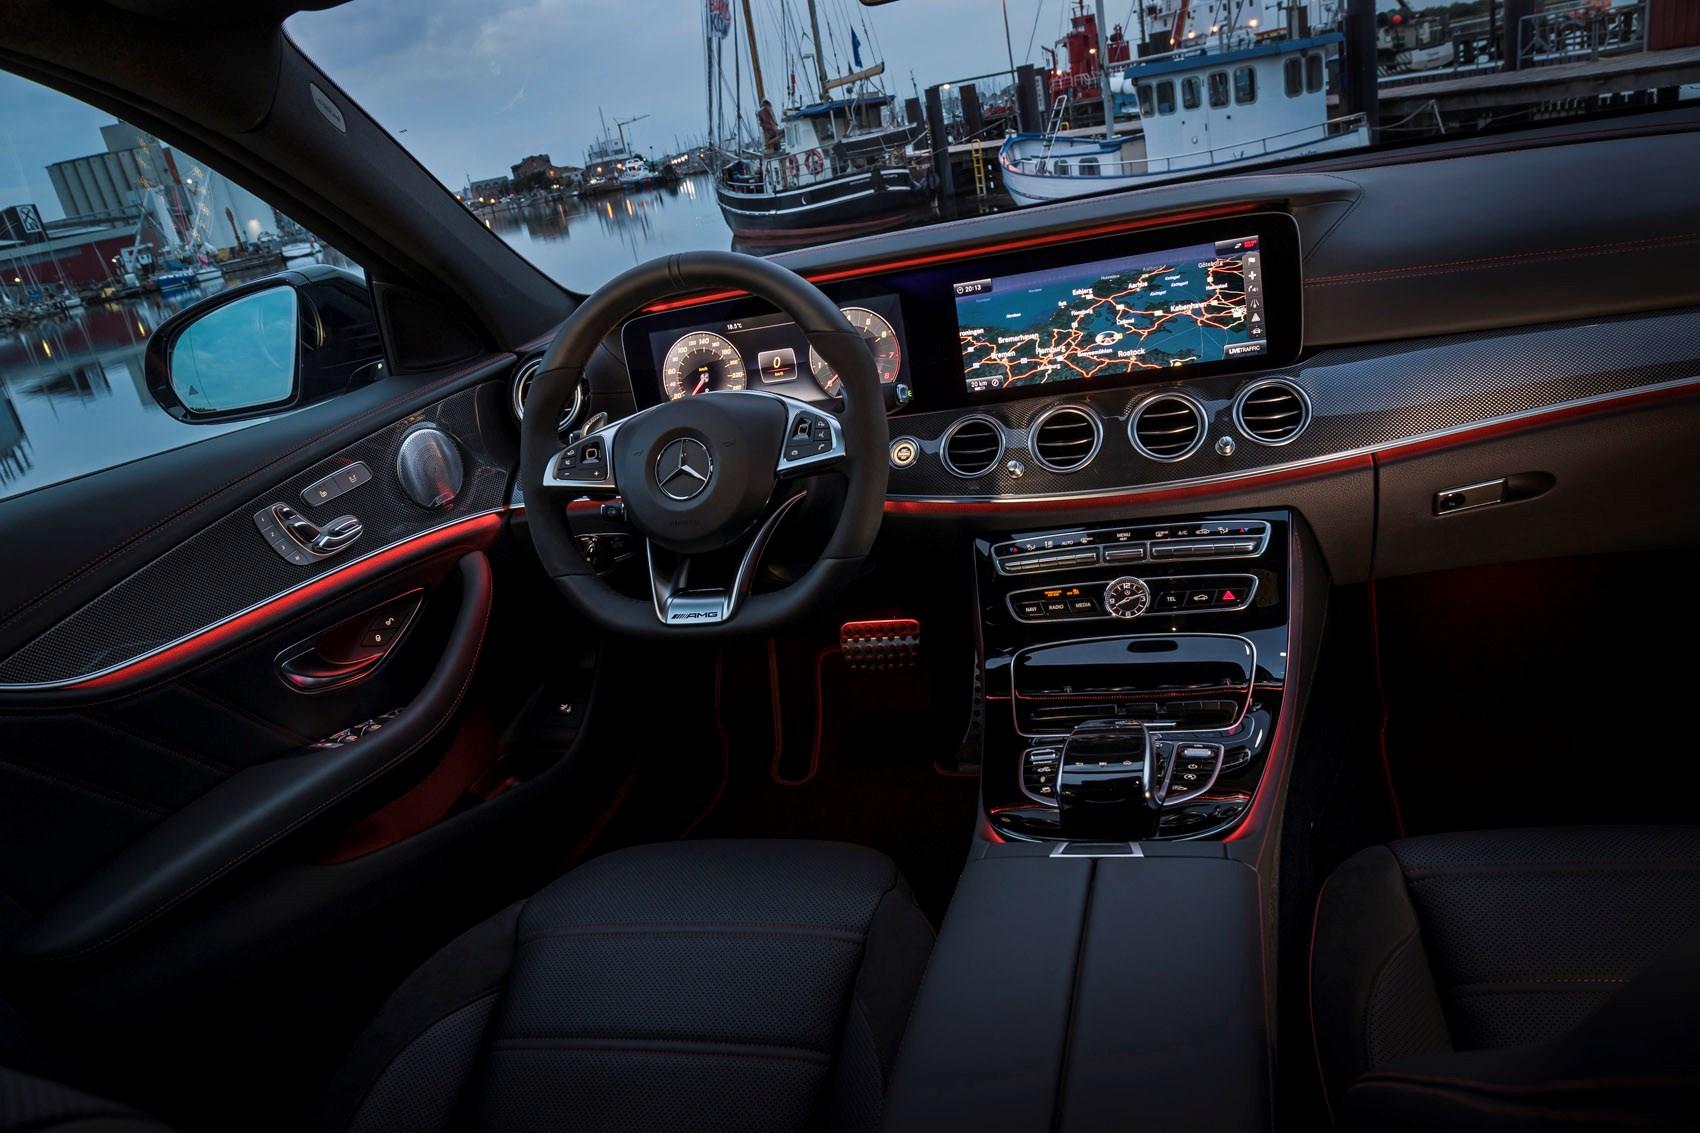 Mercedes benz e class estate review 2016 parkers for Mercedes a klasse amg interieur